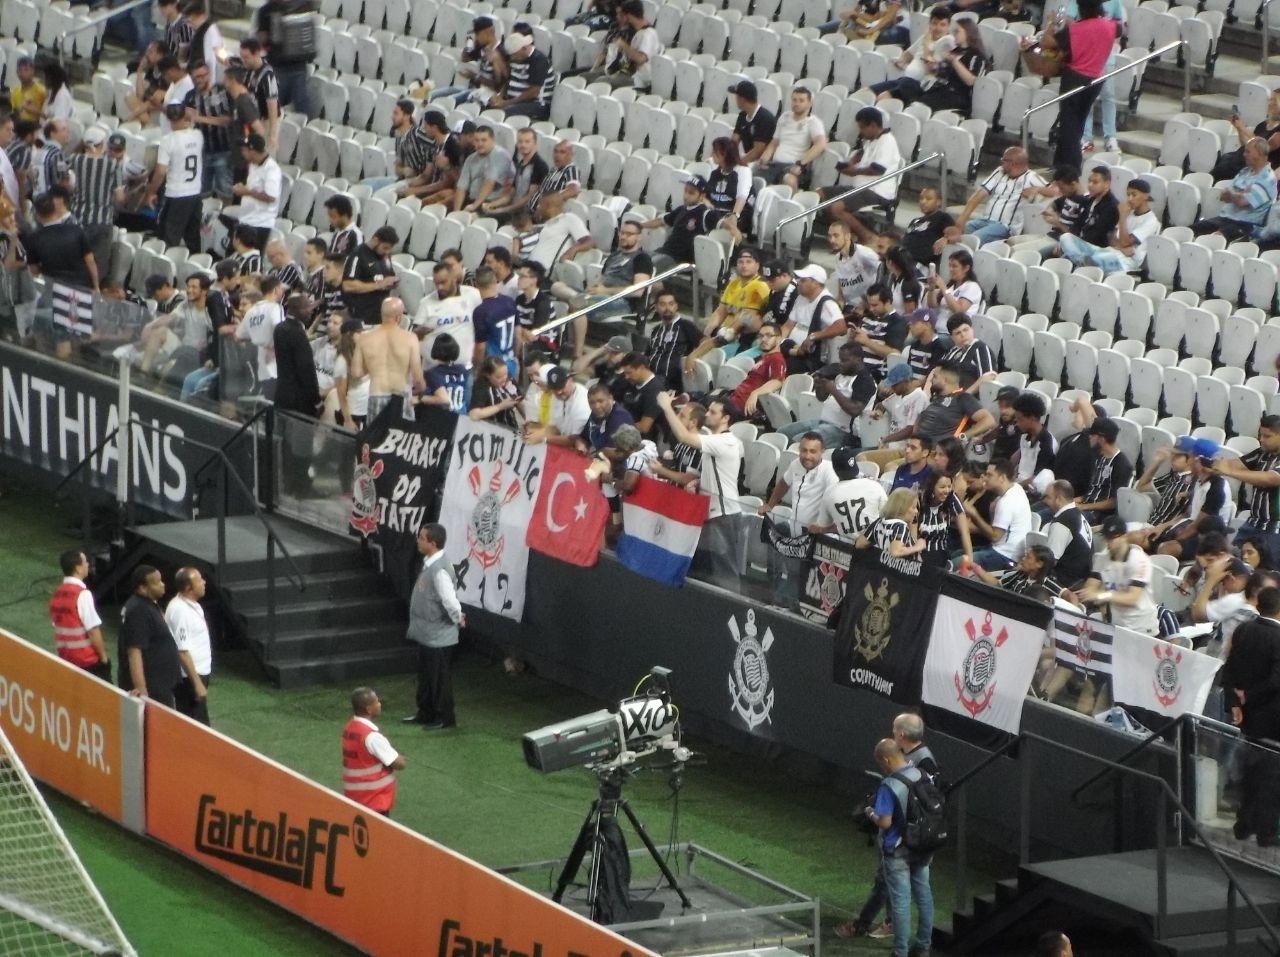 A já tradicional bandeira do Paraguai ganhou uma vizinha na arquibancada Sul da Arena Corinthians. É da Turquia, país onde nasceu Kazim